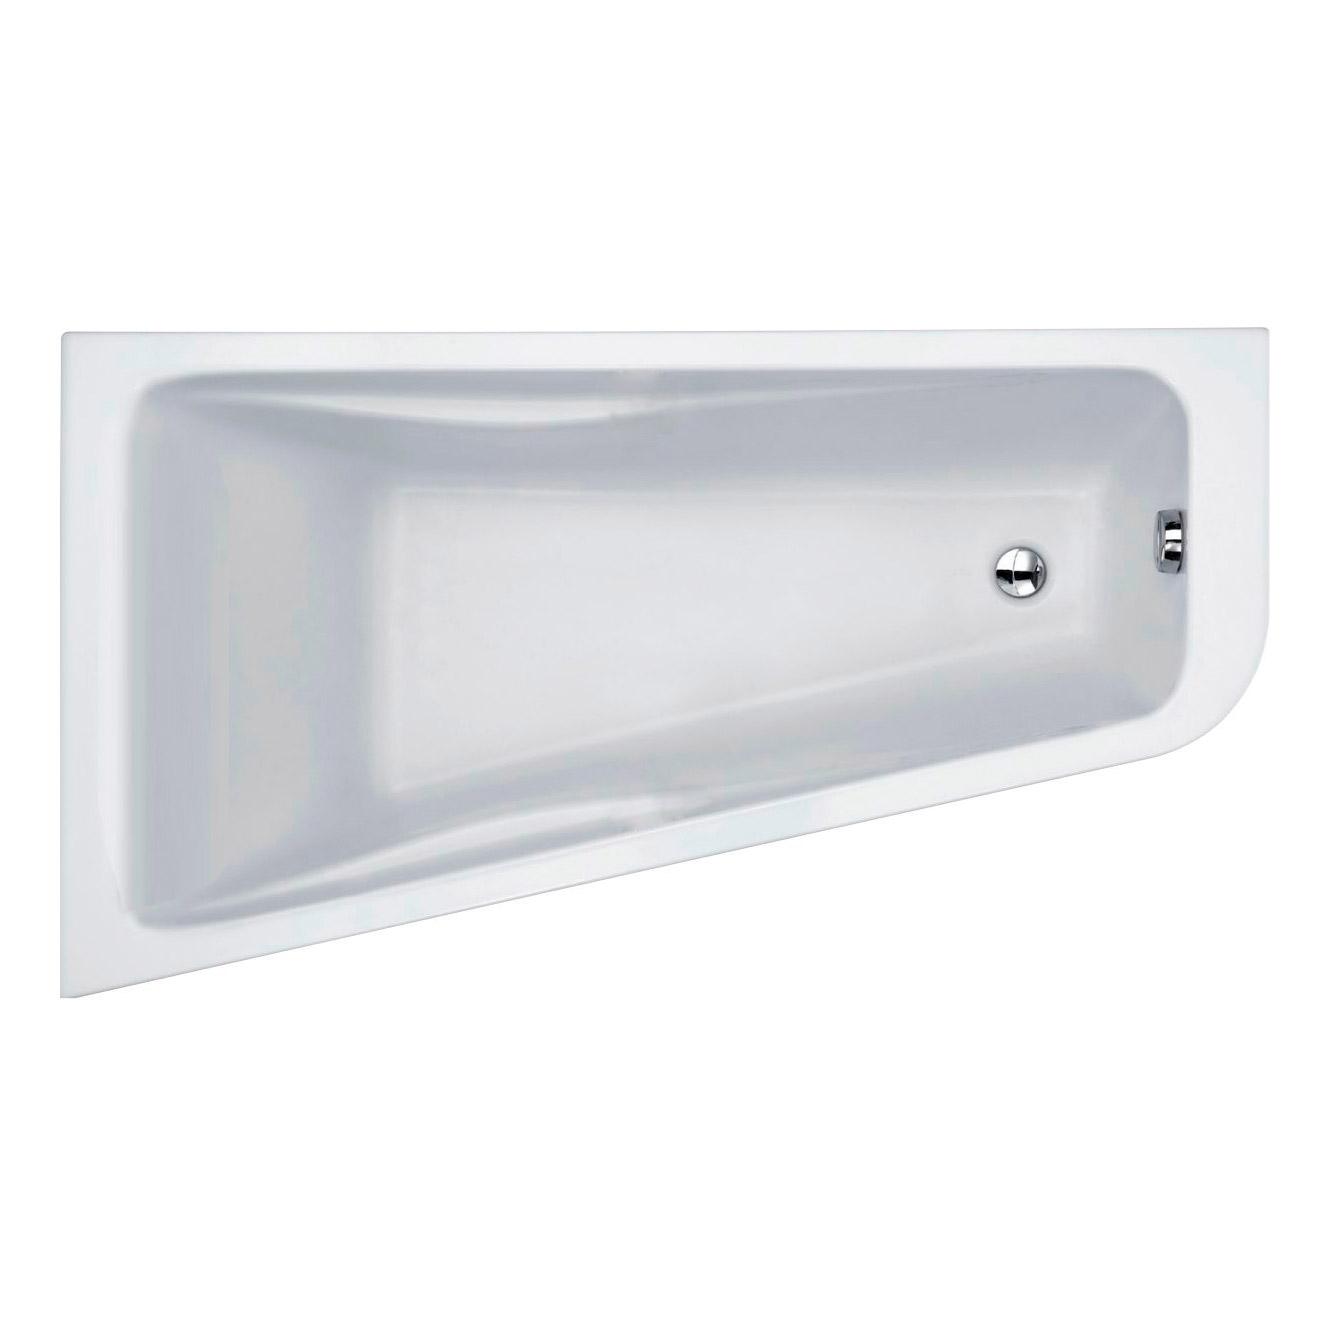 Купить Акриловая ванна Jacob Delafon Odeon Up 160x90 см, Франция, белый, акрил